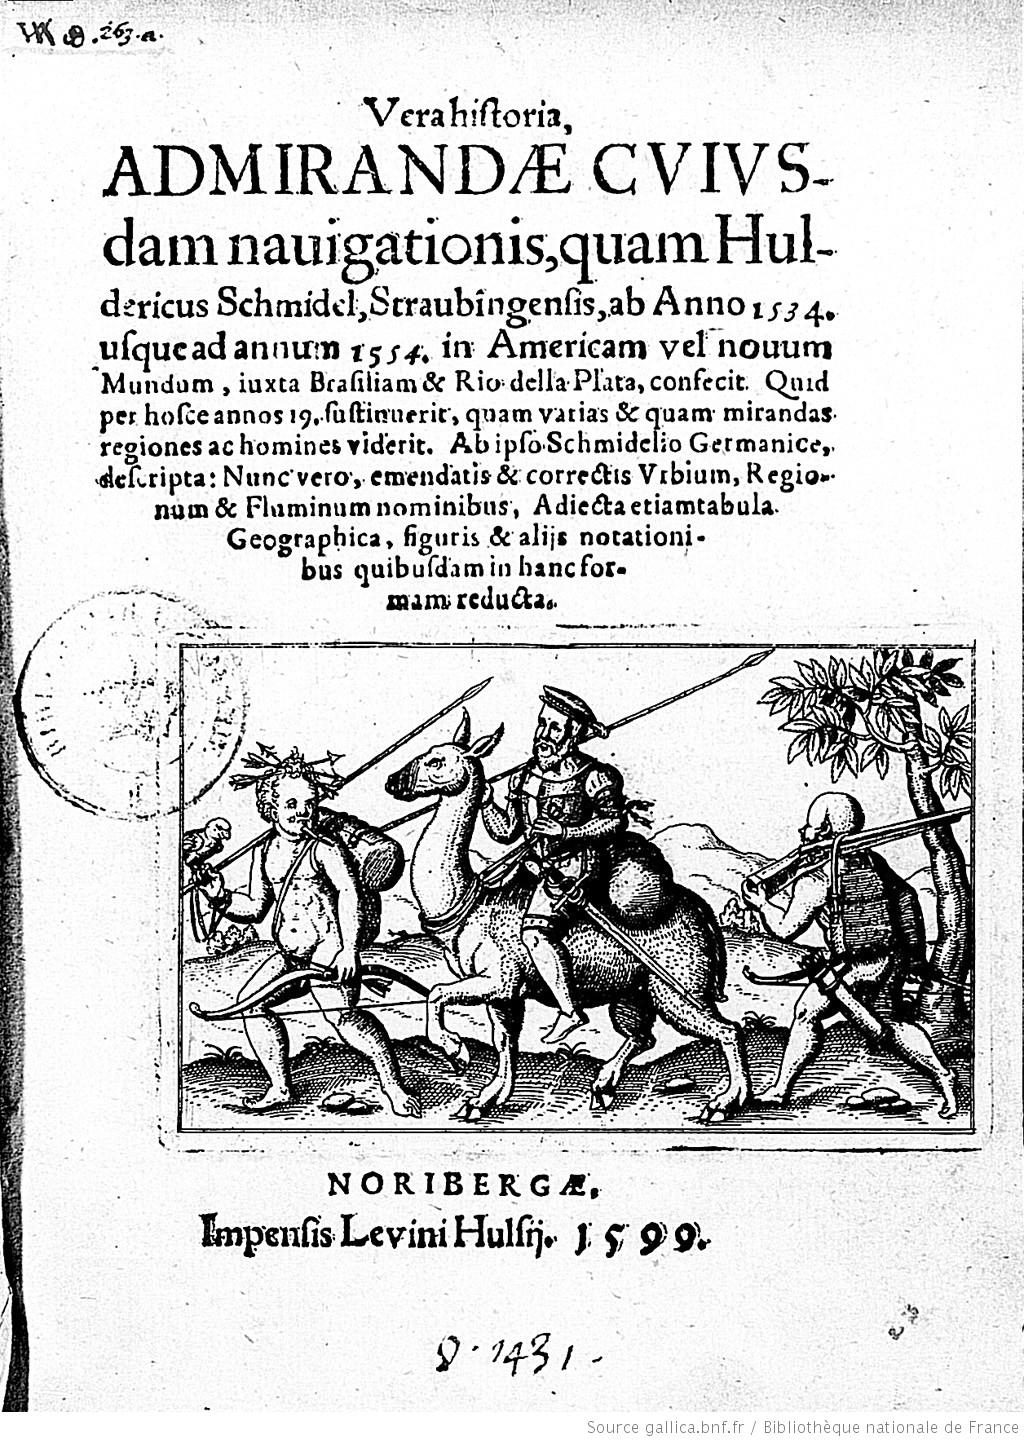 File:Ulrich Schmidl in Begleitung eines Indianers 1599.jpg